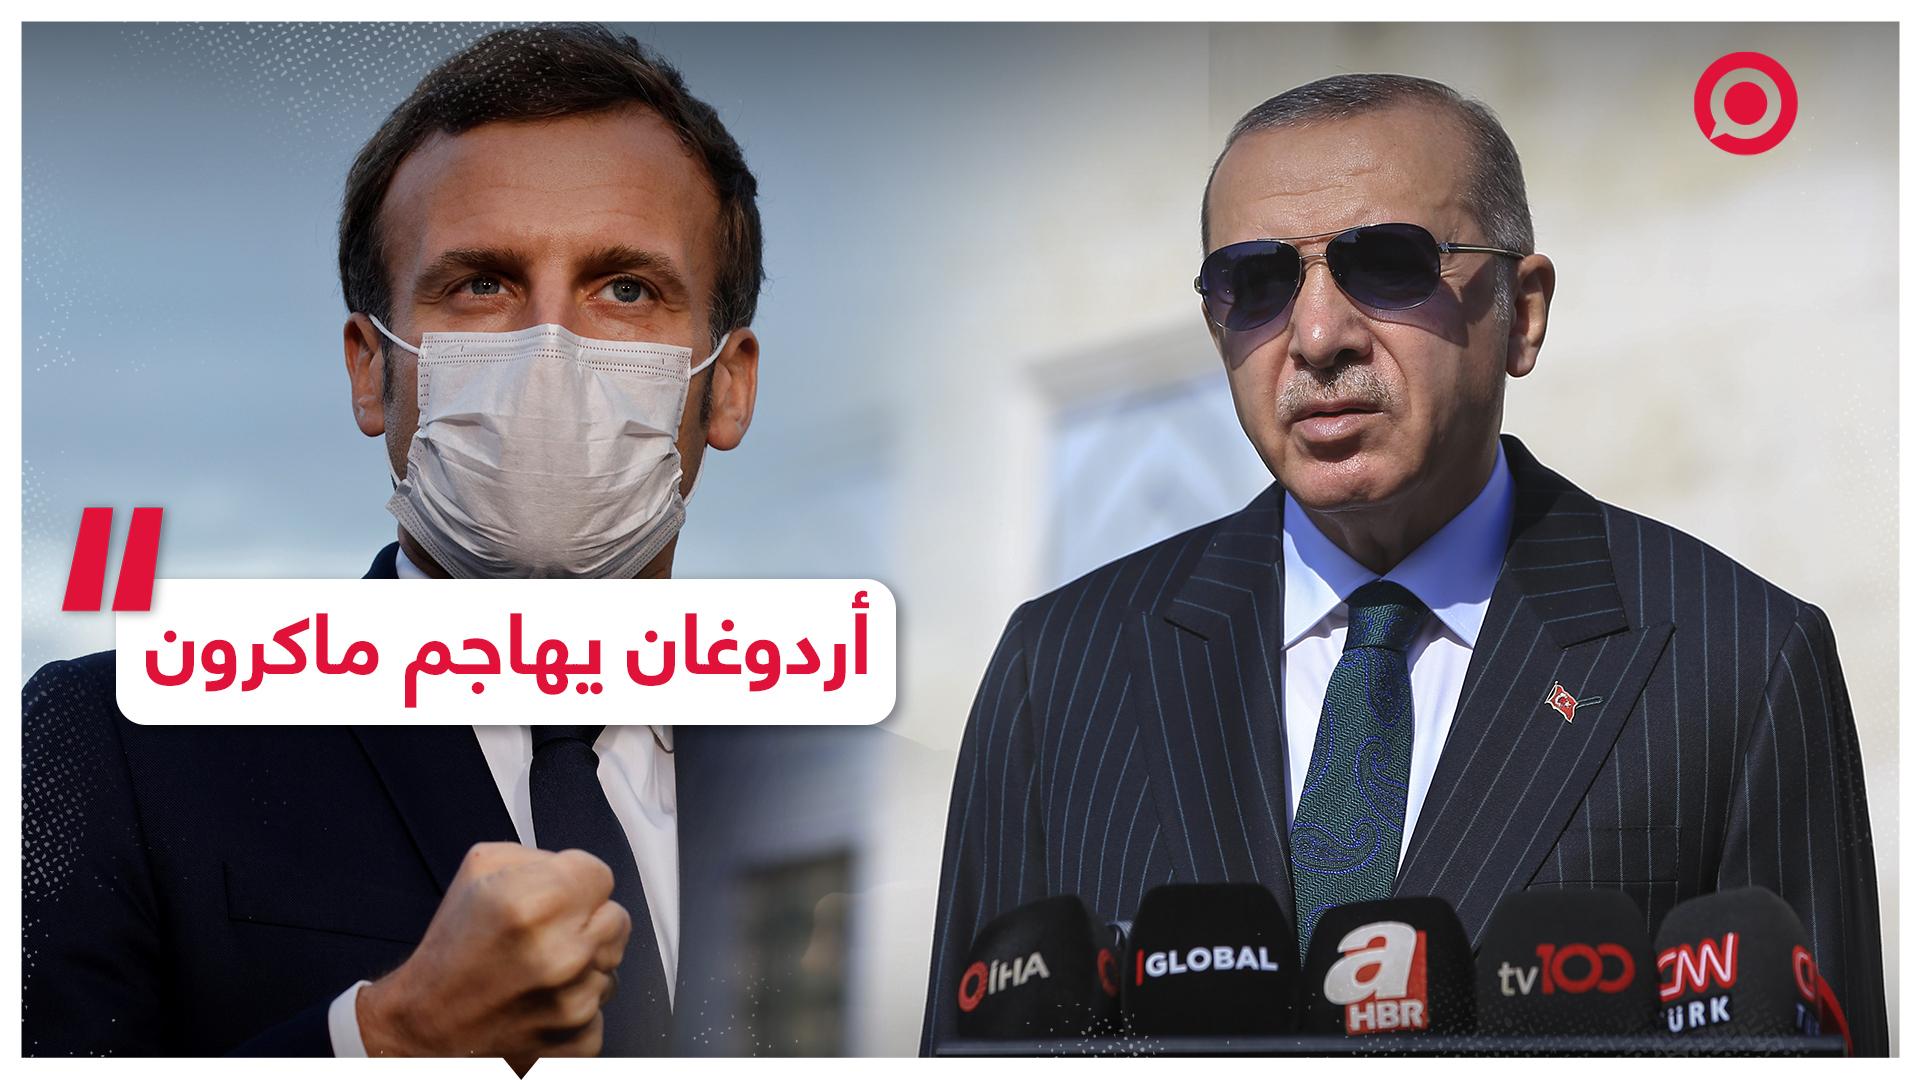 أردوغان: ماكرون بحاجة لاختبار عقلي وعلى أوروبا التخلص من مرض